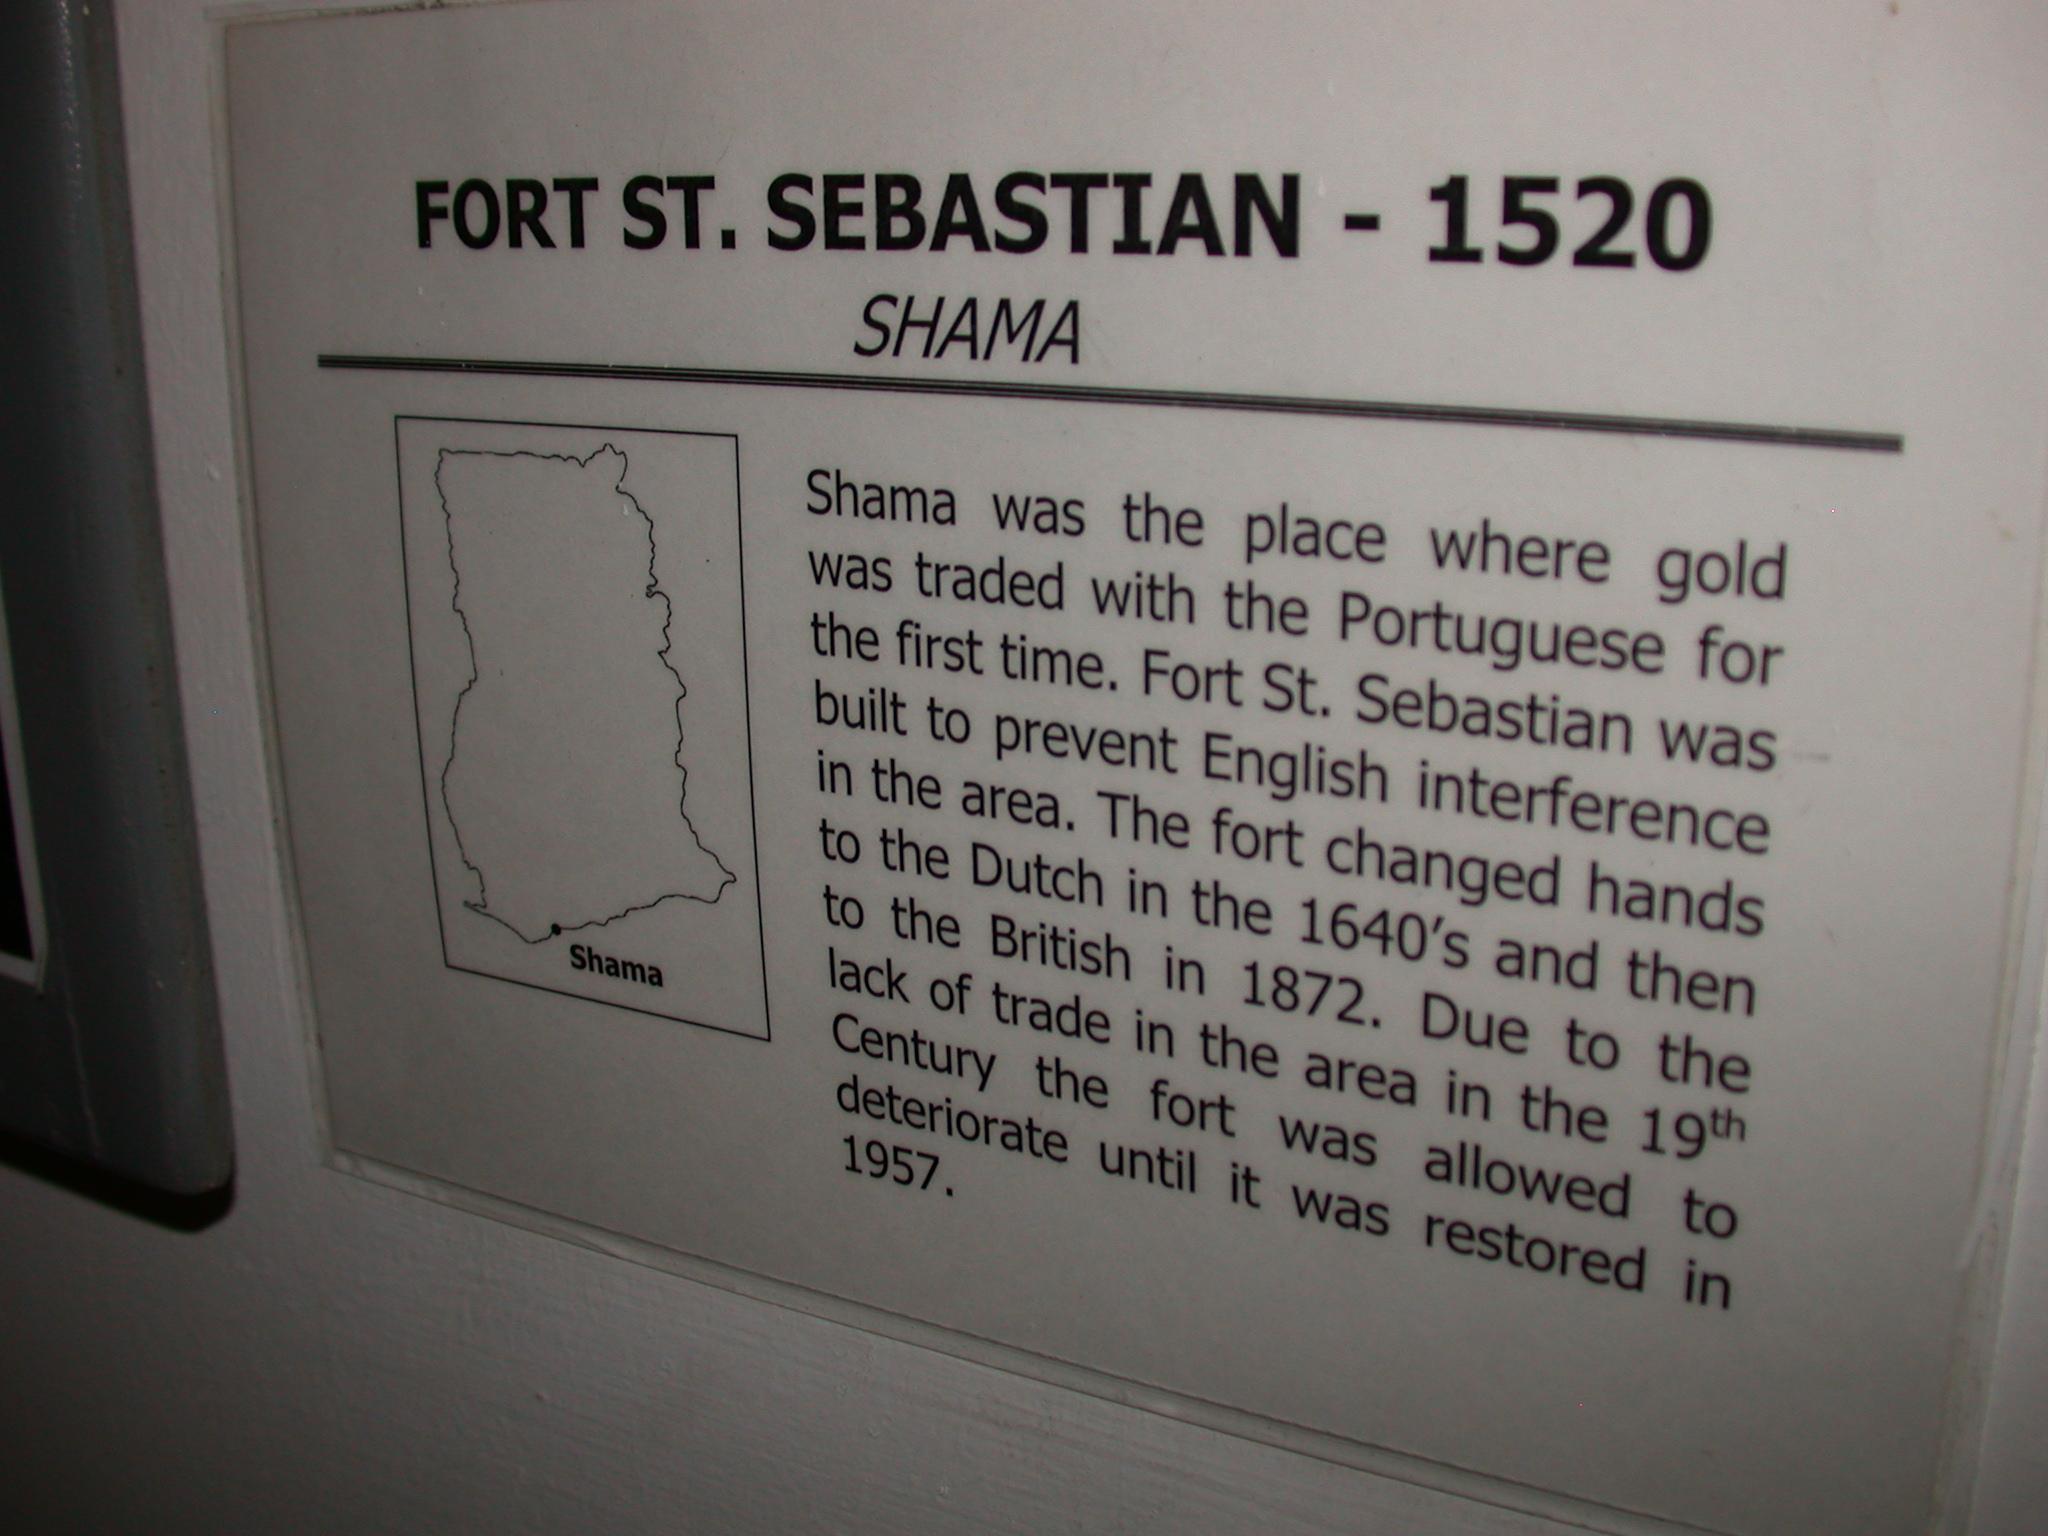 Description of Fort St. Sebastian in Shama, National Museum, Accra, Ghana